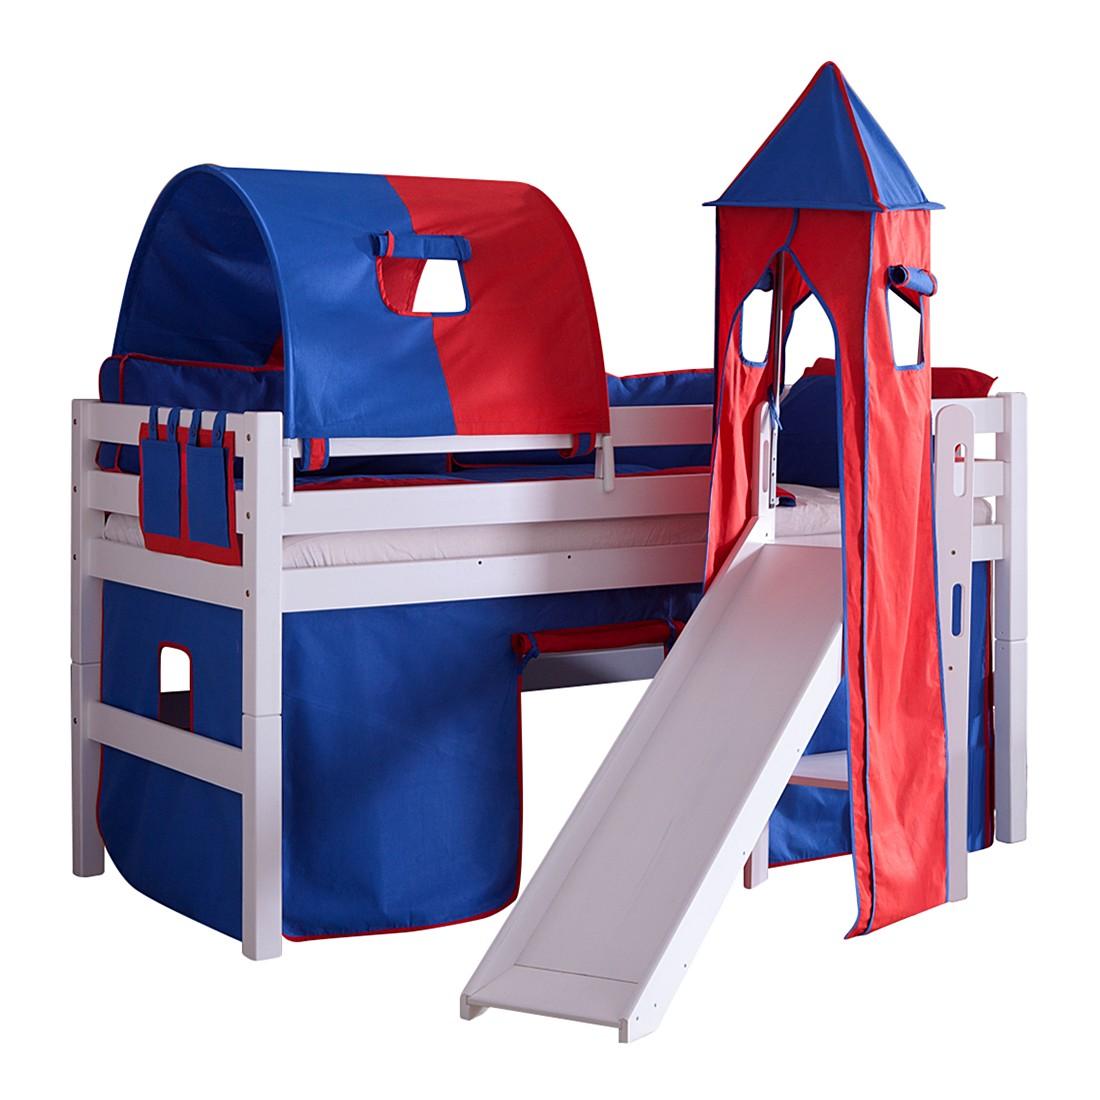 Spielbett Eliyas - mit Rutsche, Vorhang, Tunnel, Turm und Tasche - Buche weiß/Textil blau-rot, Relita